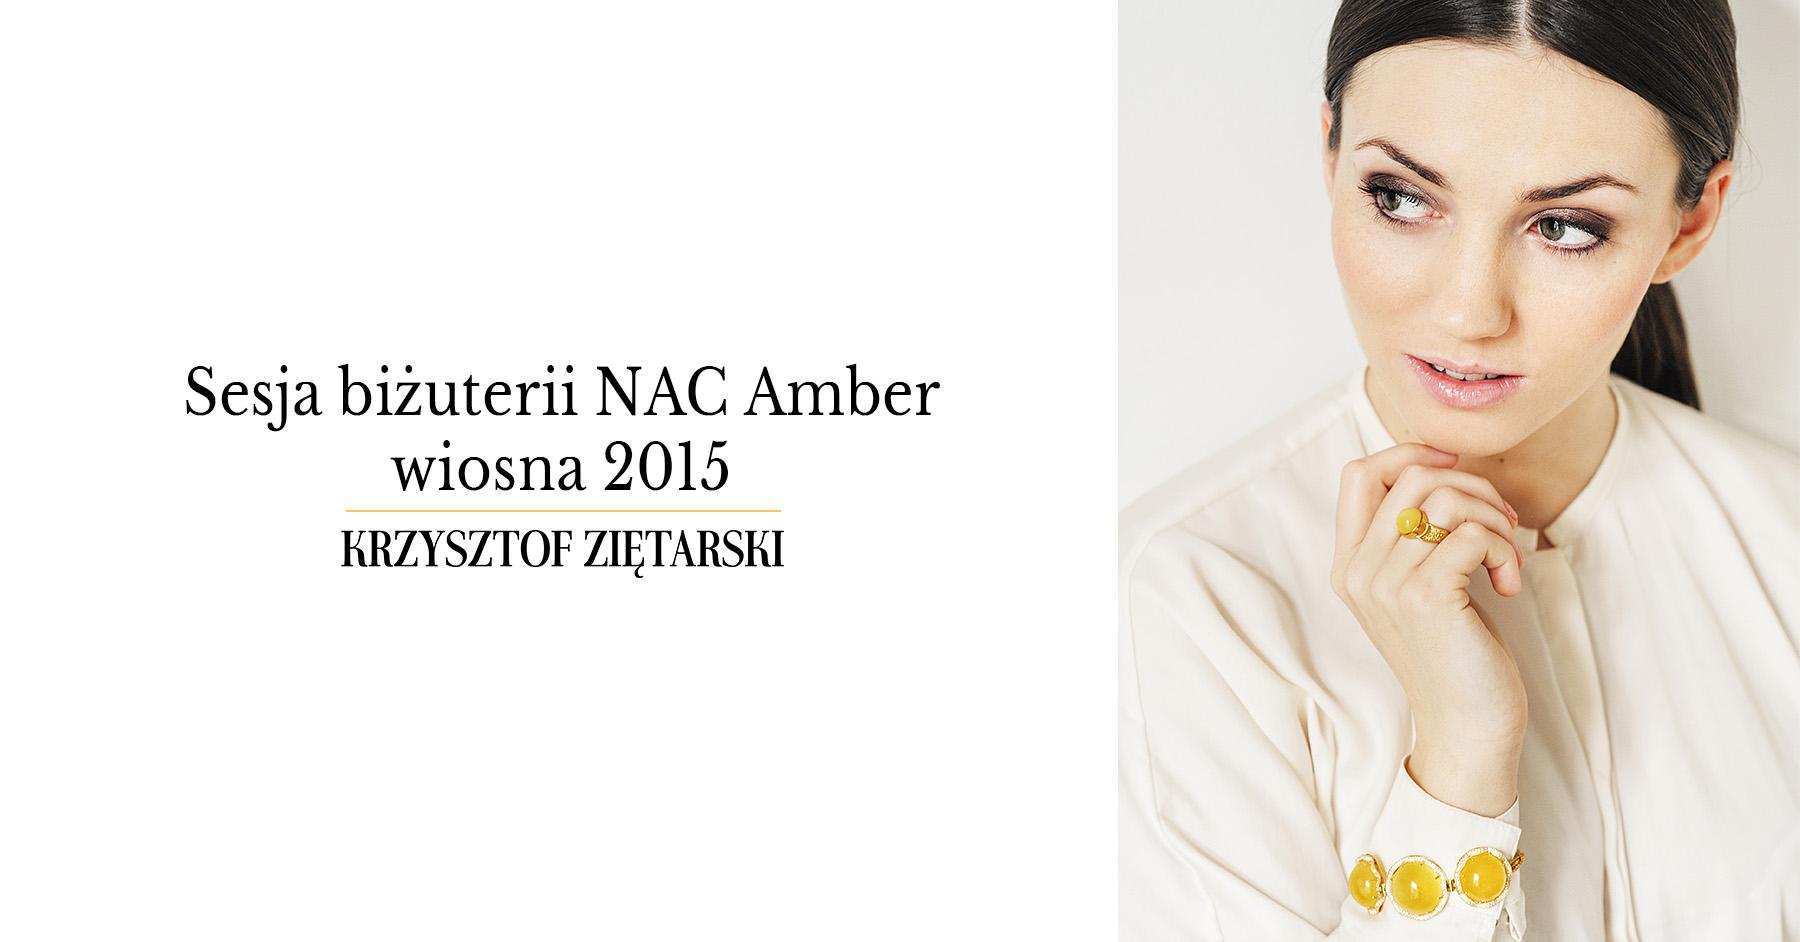 Sesja biżuterii bursztynowej NAC Amber - wiosna 2015